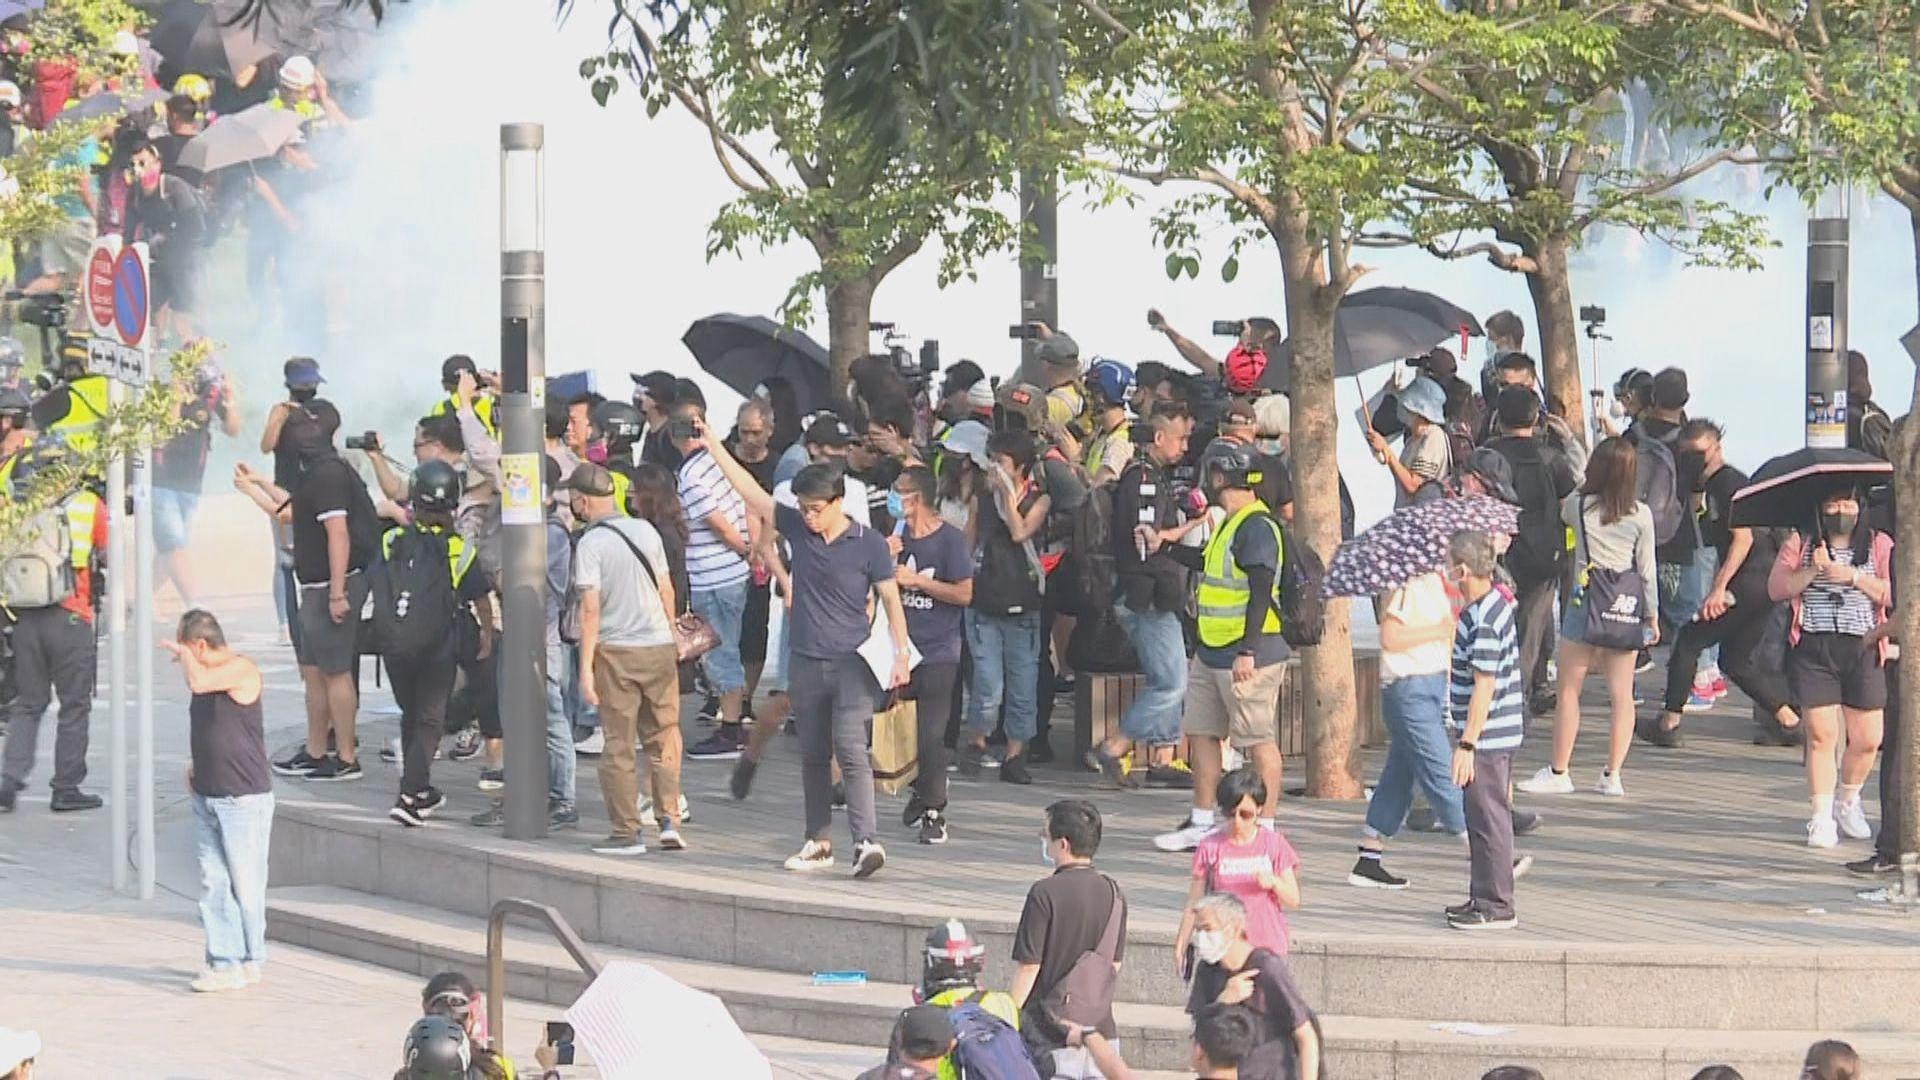 梳士巴利花園集會 防暴施放多枚催淚彈驅散